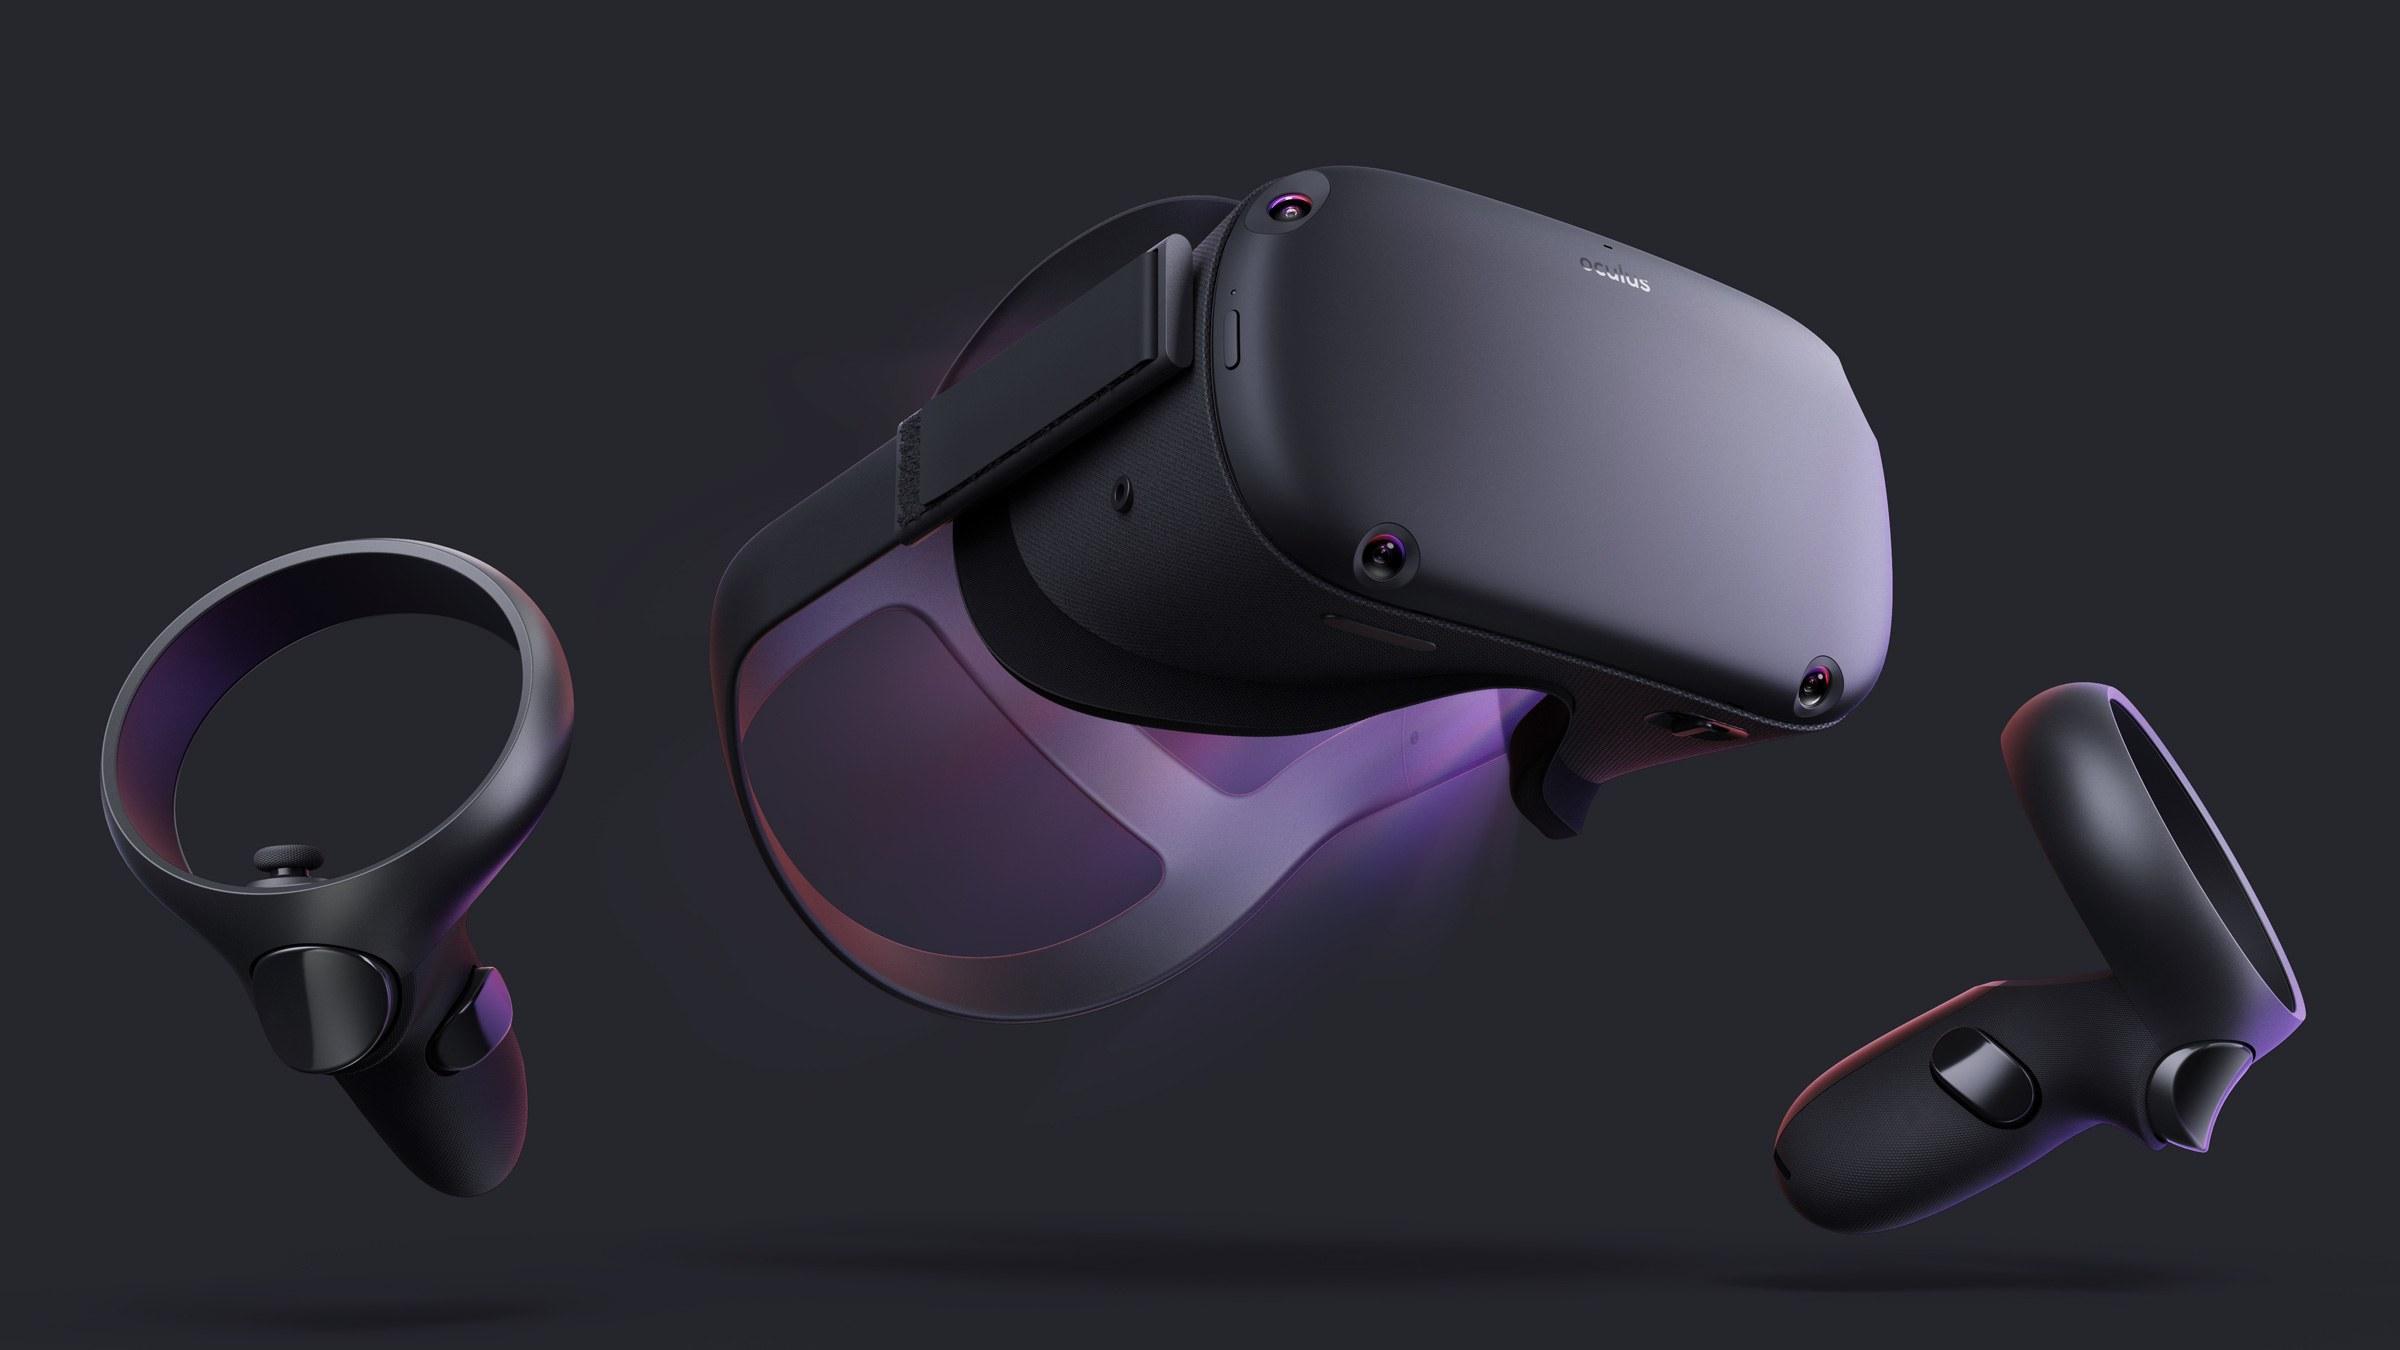 《细胞分裂》《刺客信条》可能将会推出VR新作